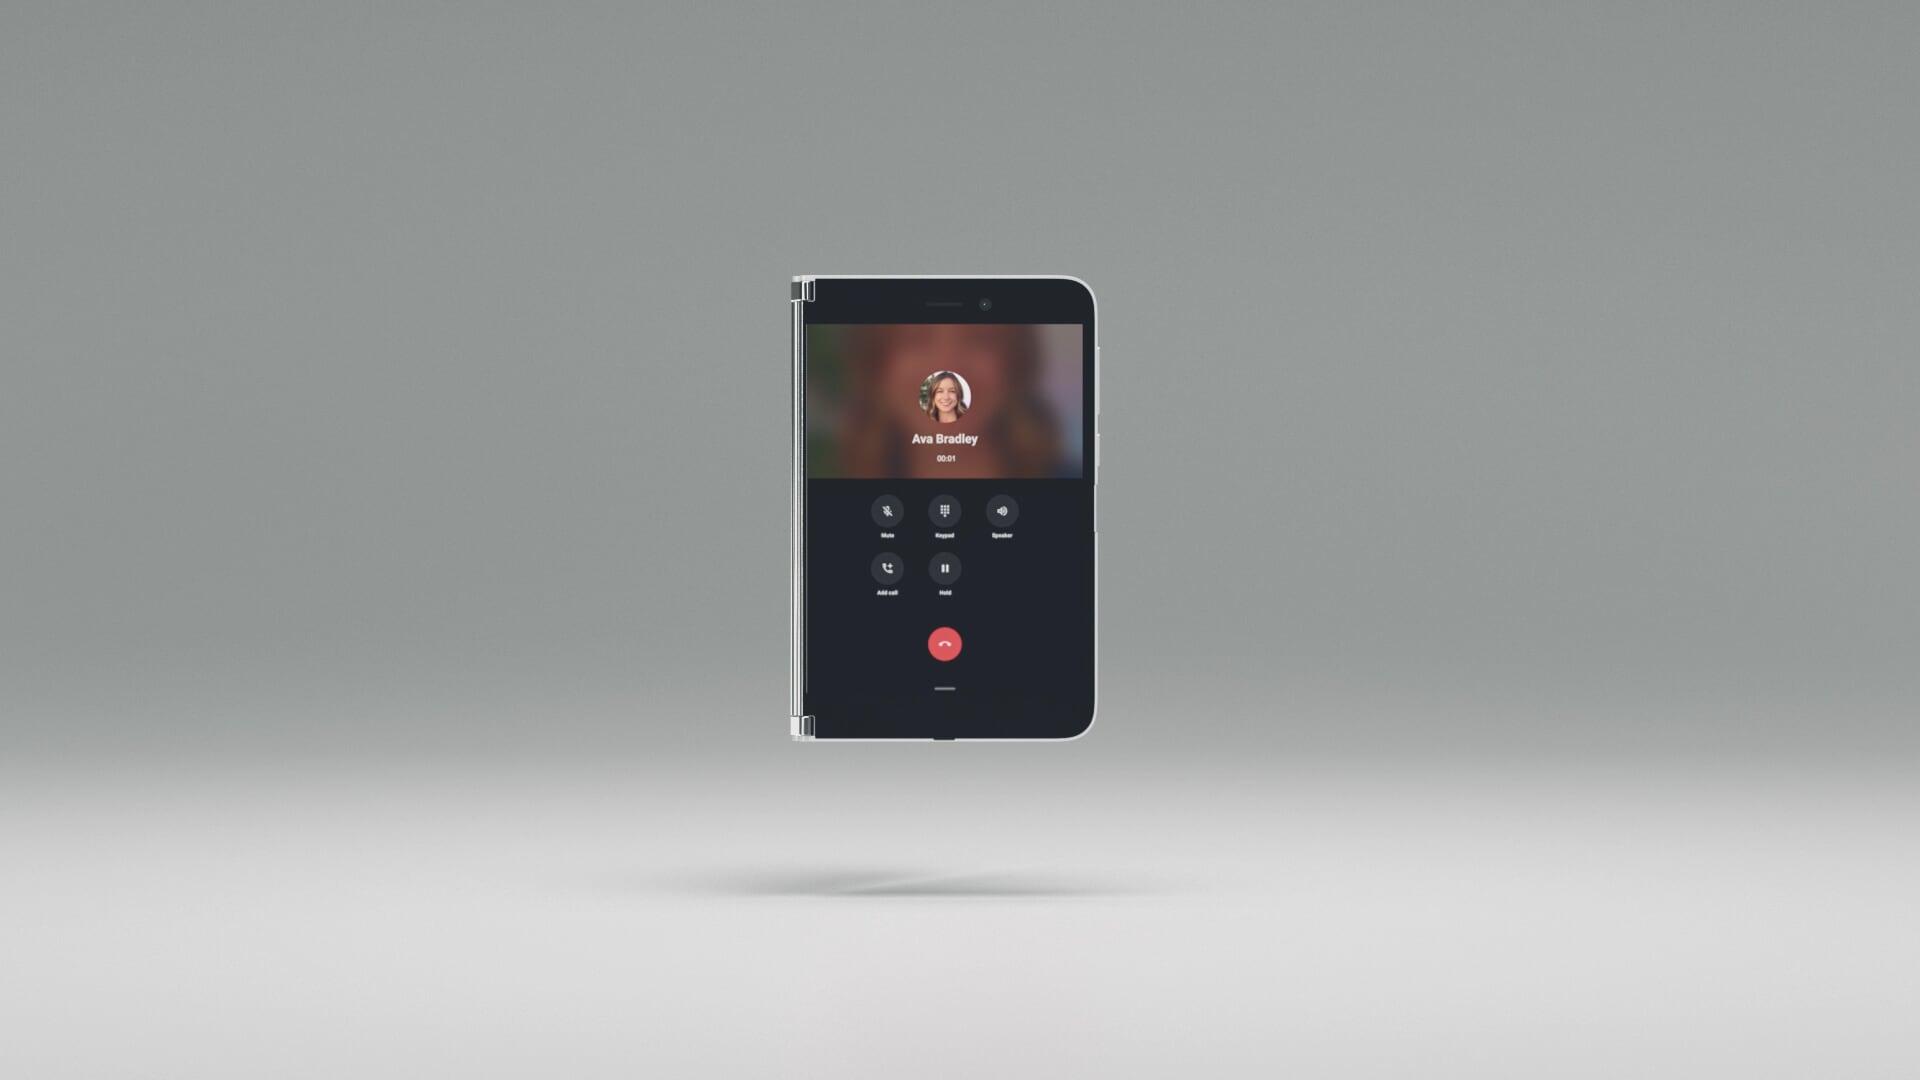 Das Surface Duo mit dem faltbaren Bildschirm zeigt ein Anruf-Fenster.